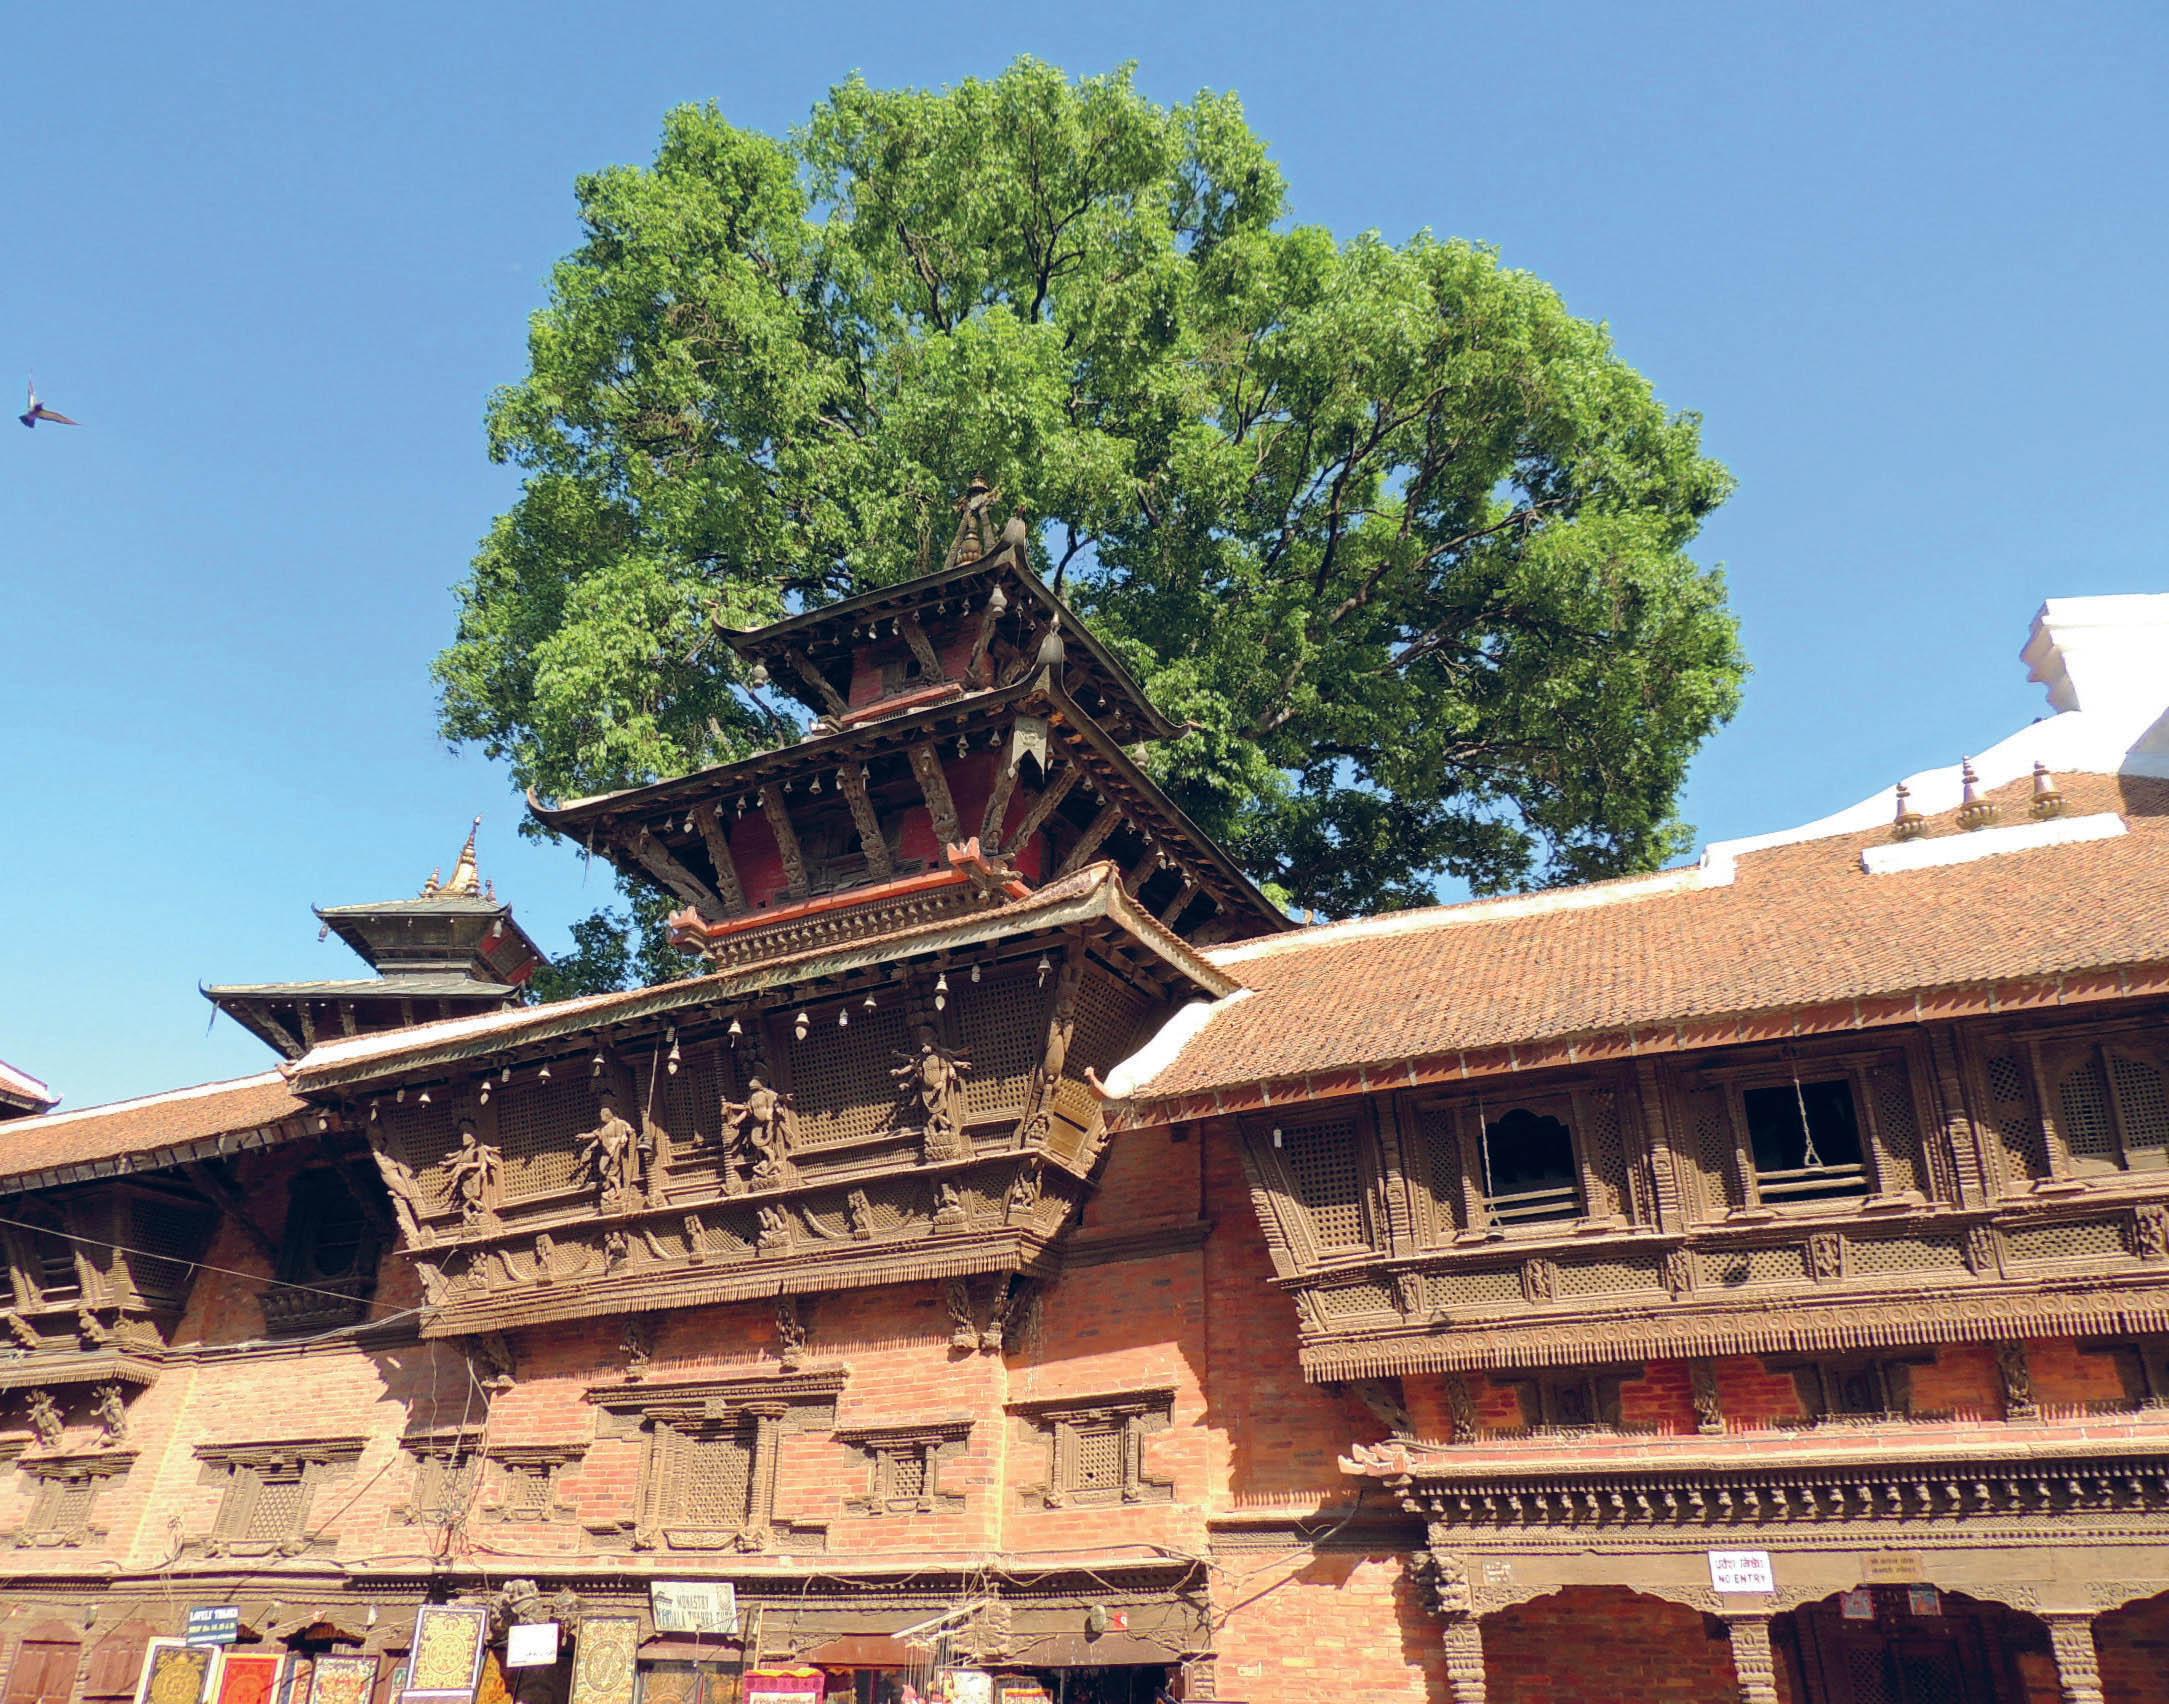 Kết quả hình ảnh cho quảng trường Patan Durbar